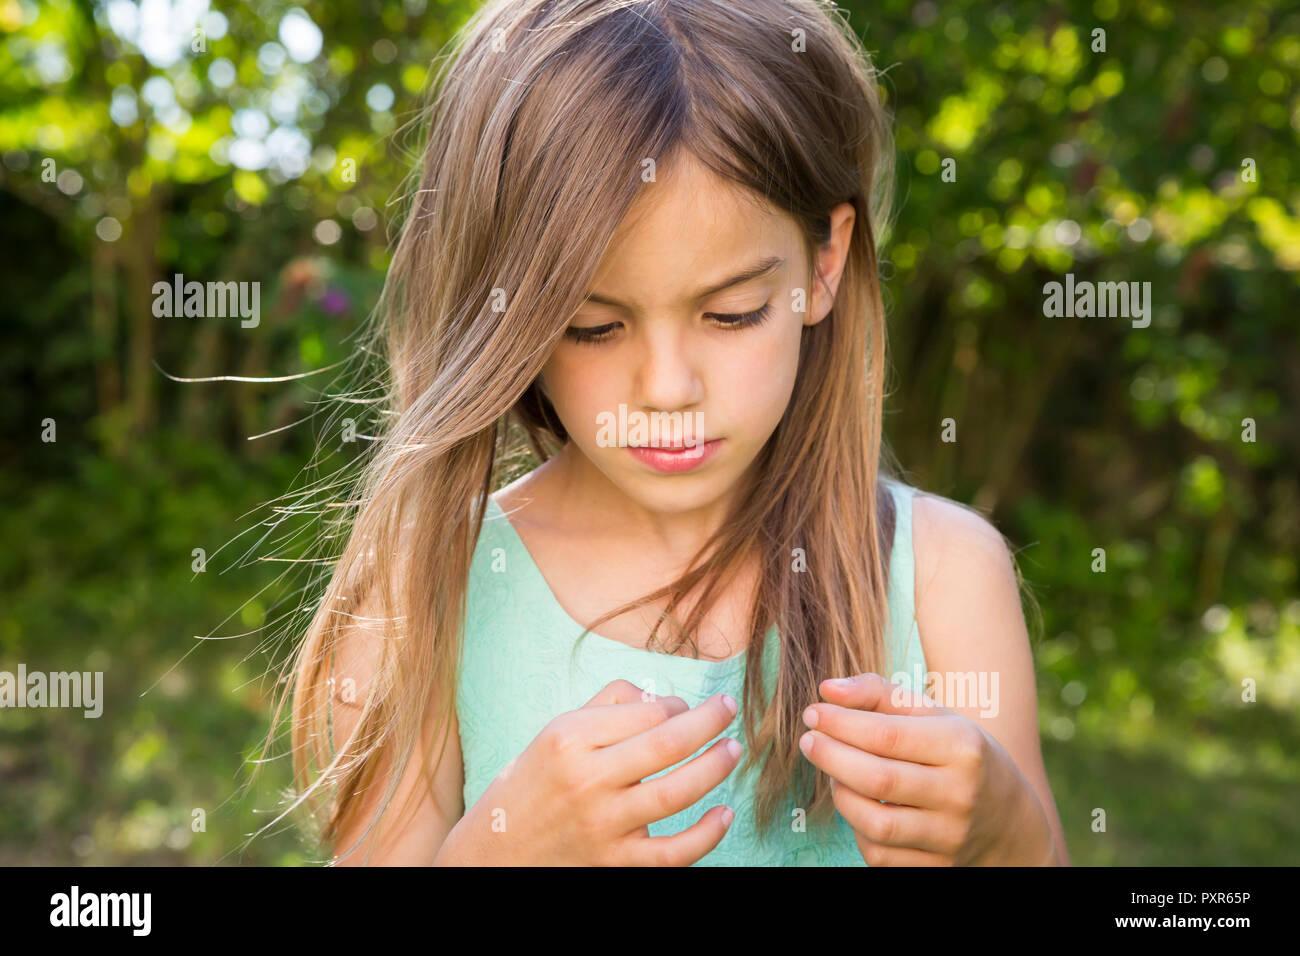 Porträt von Ernst kleines Mädchen im Garten Stockbild